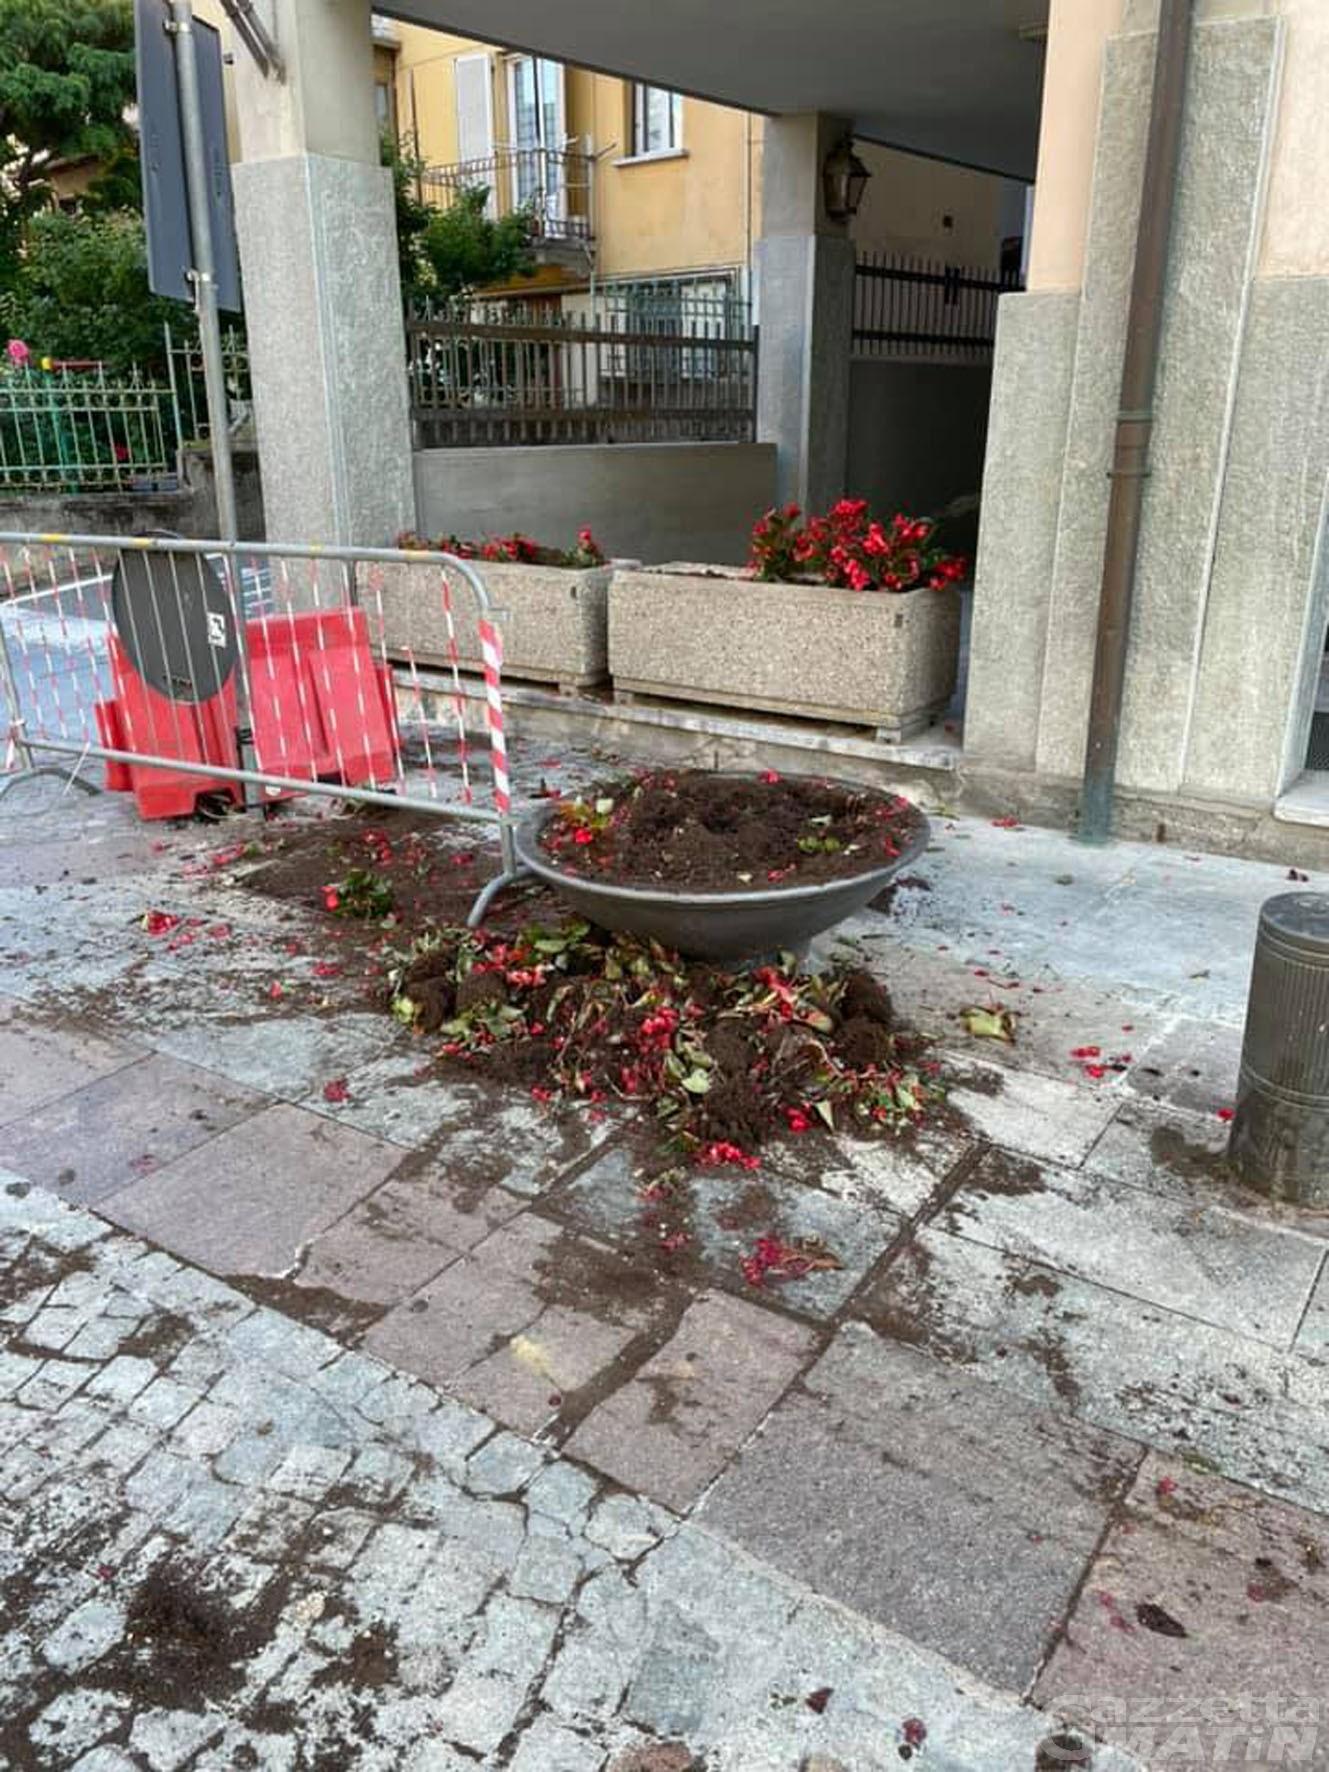 Saint-Vincent: ubriaco ribalta fioriera e panchine, denunciato